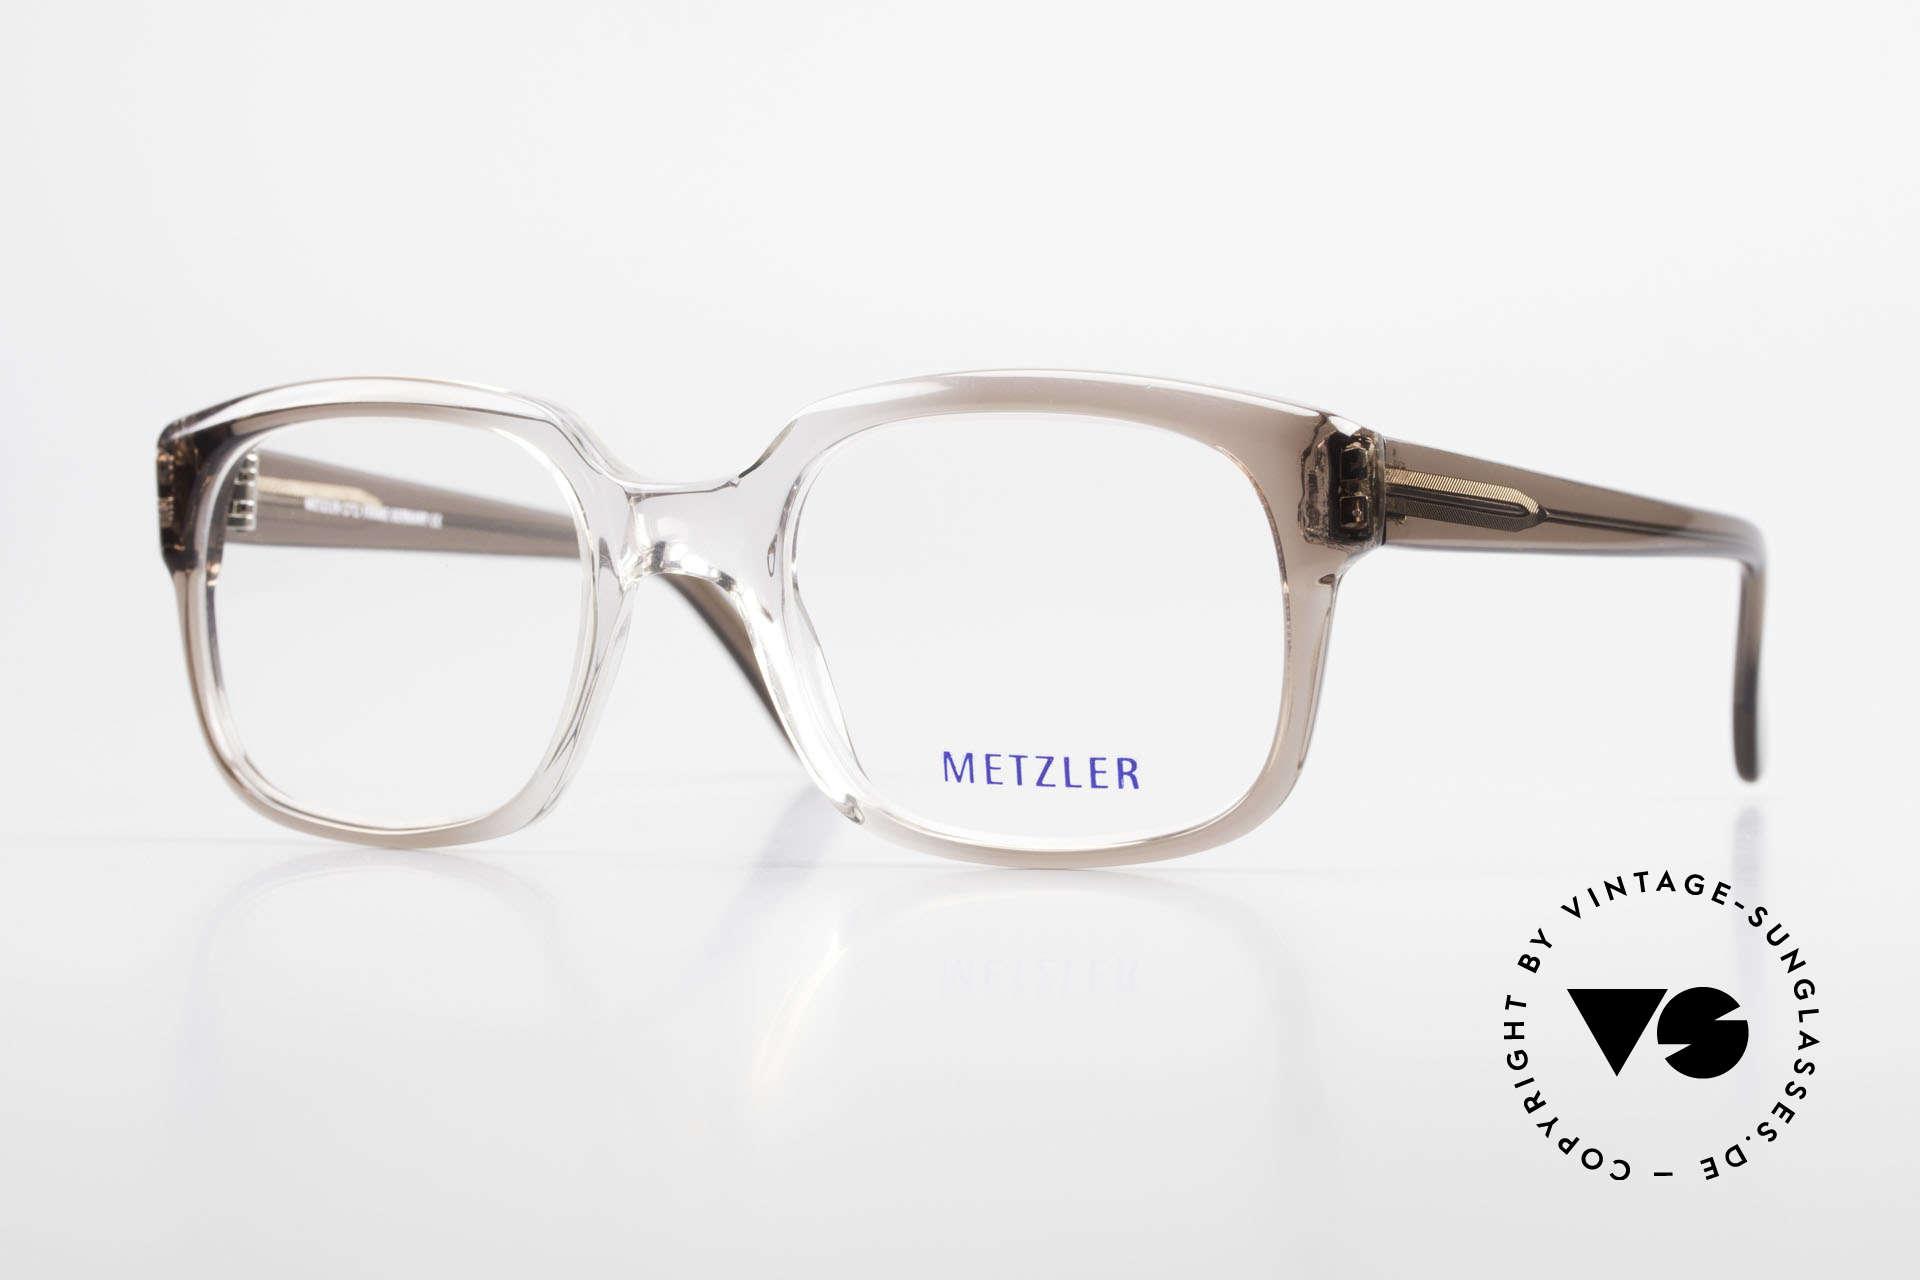 Metzler 7665 Medium Old School Eyeglasses 80's, Metzler vintage eyeglasses, 7665, size 54/22, 140, Made for Men